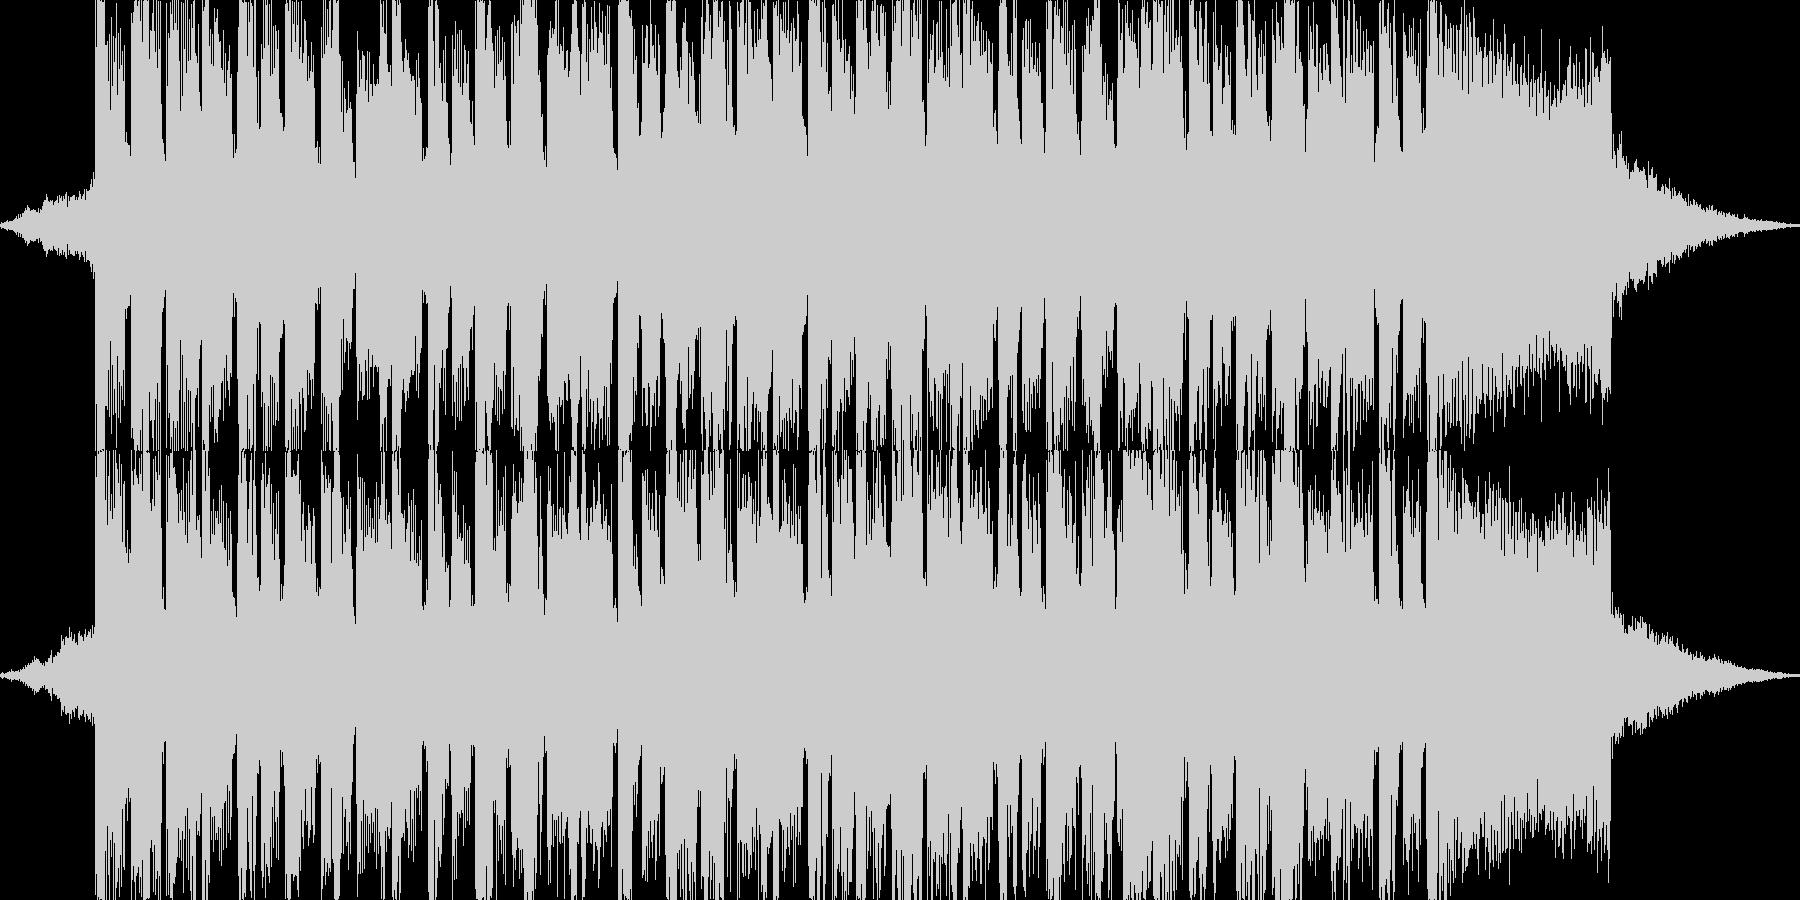 明るめな4つ打ちダンス系のジングルの未再生の波形